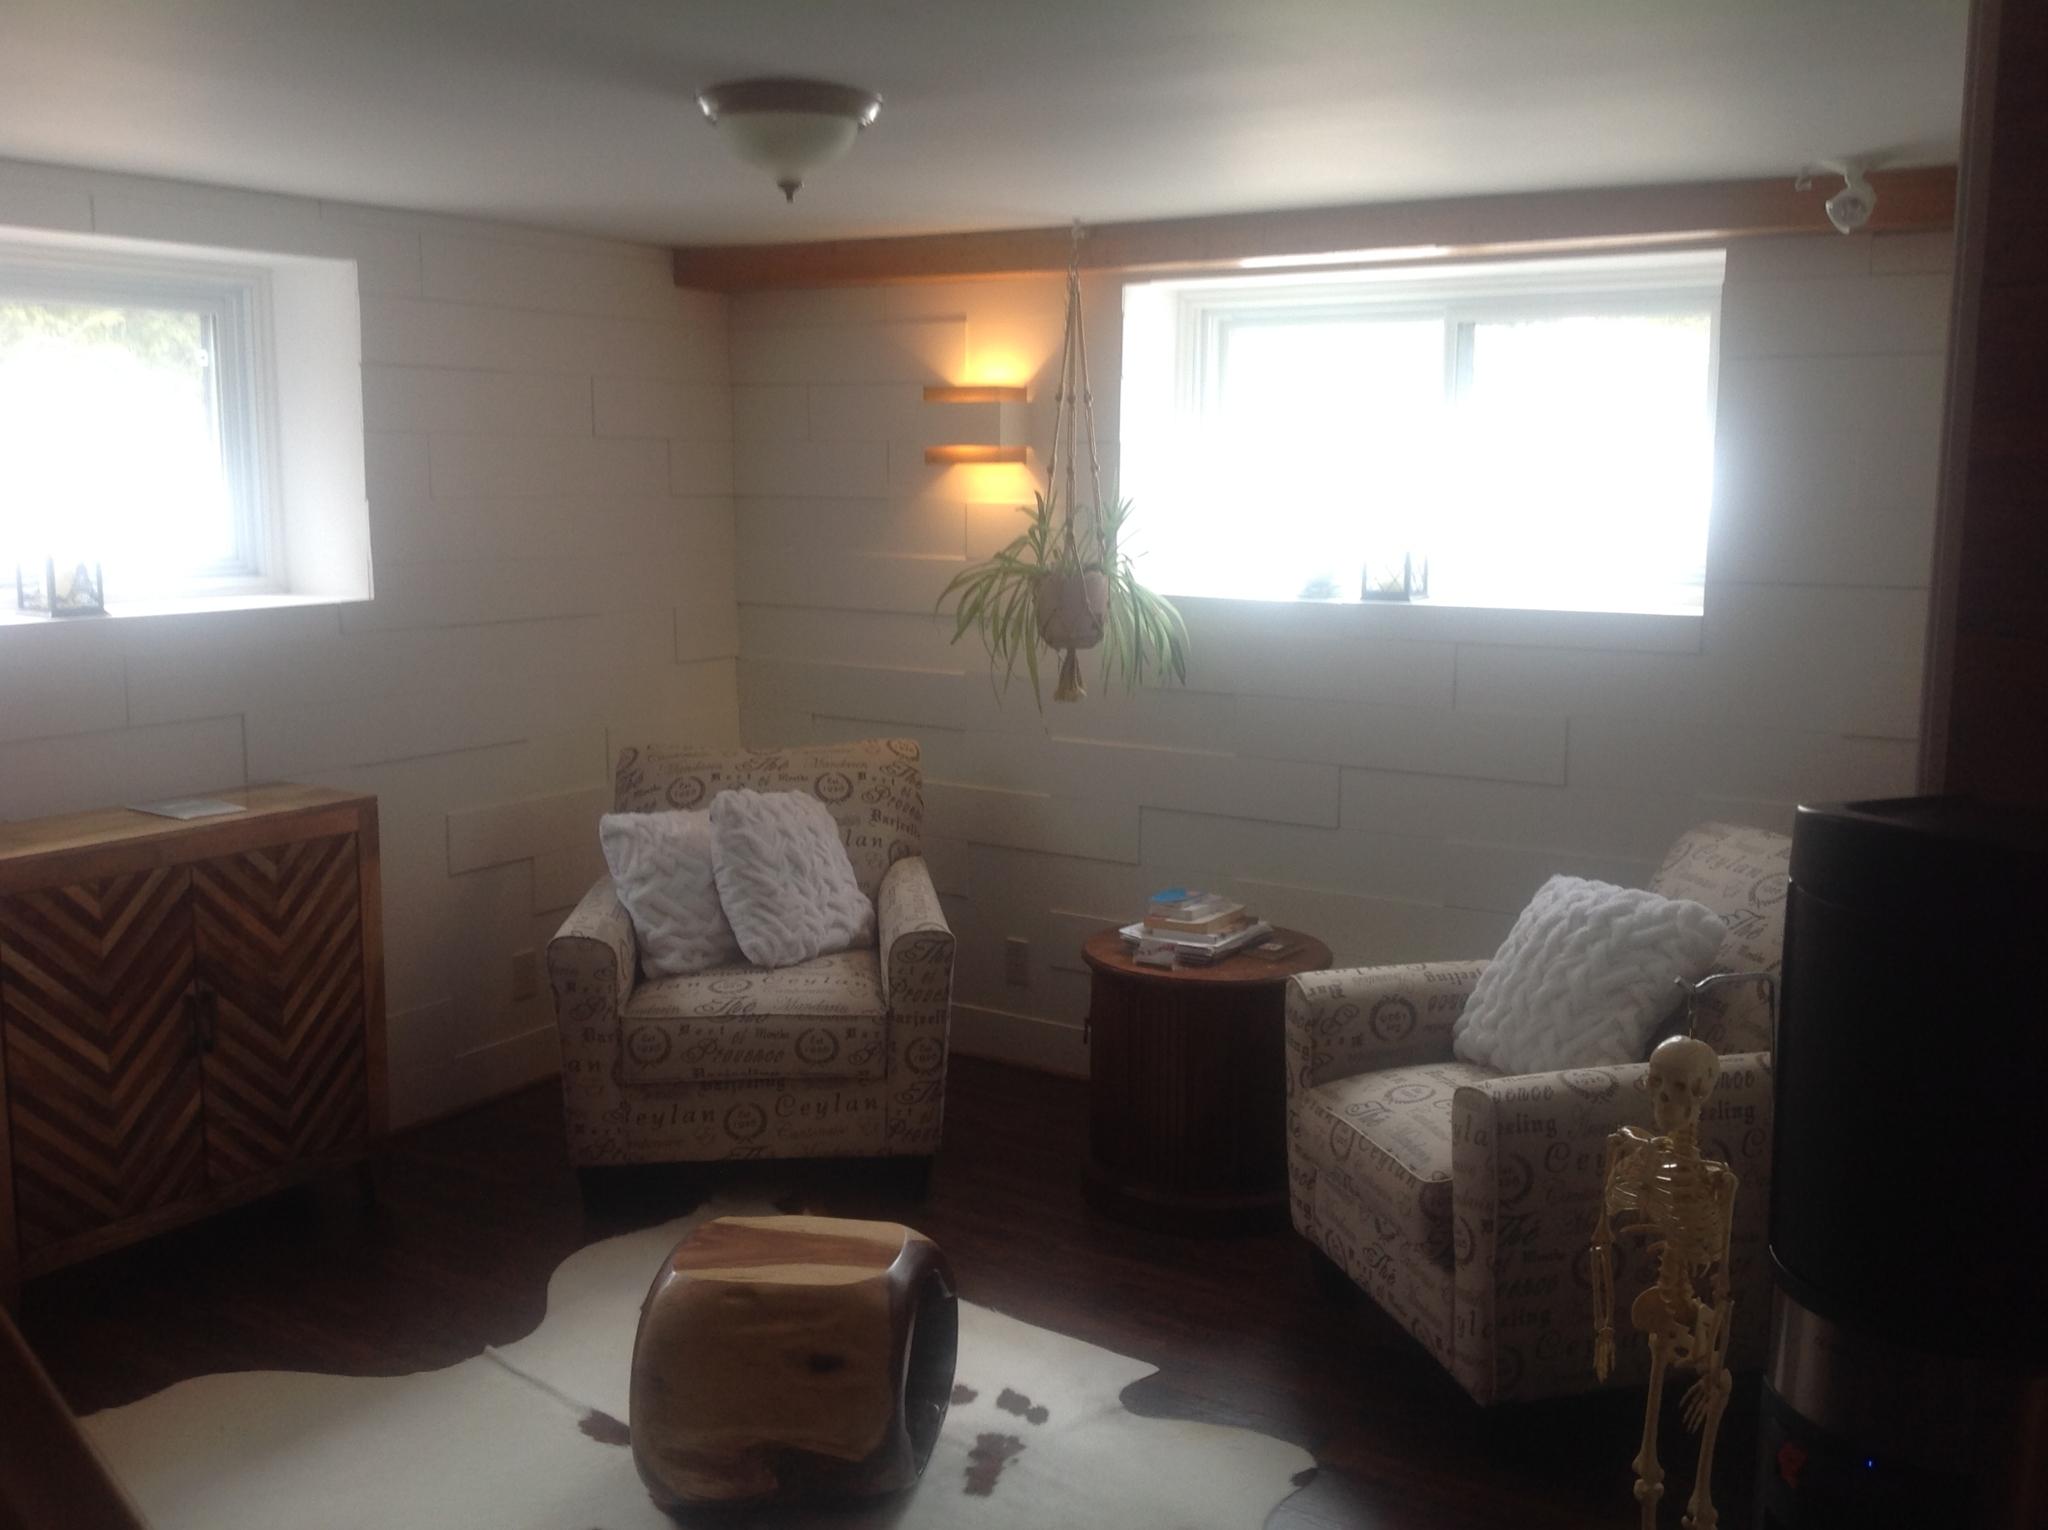 clinique de massoth rapie et orthoth rapie nancy larochelle 469 rue du dorset mascouche qc. Black Bedroom Furniture Sets. Home Design Ideas